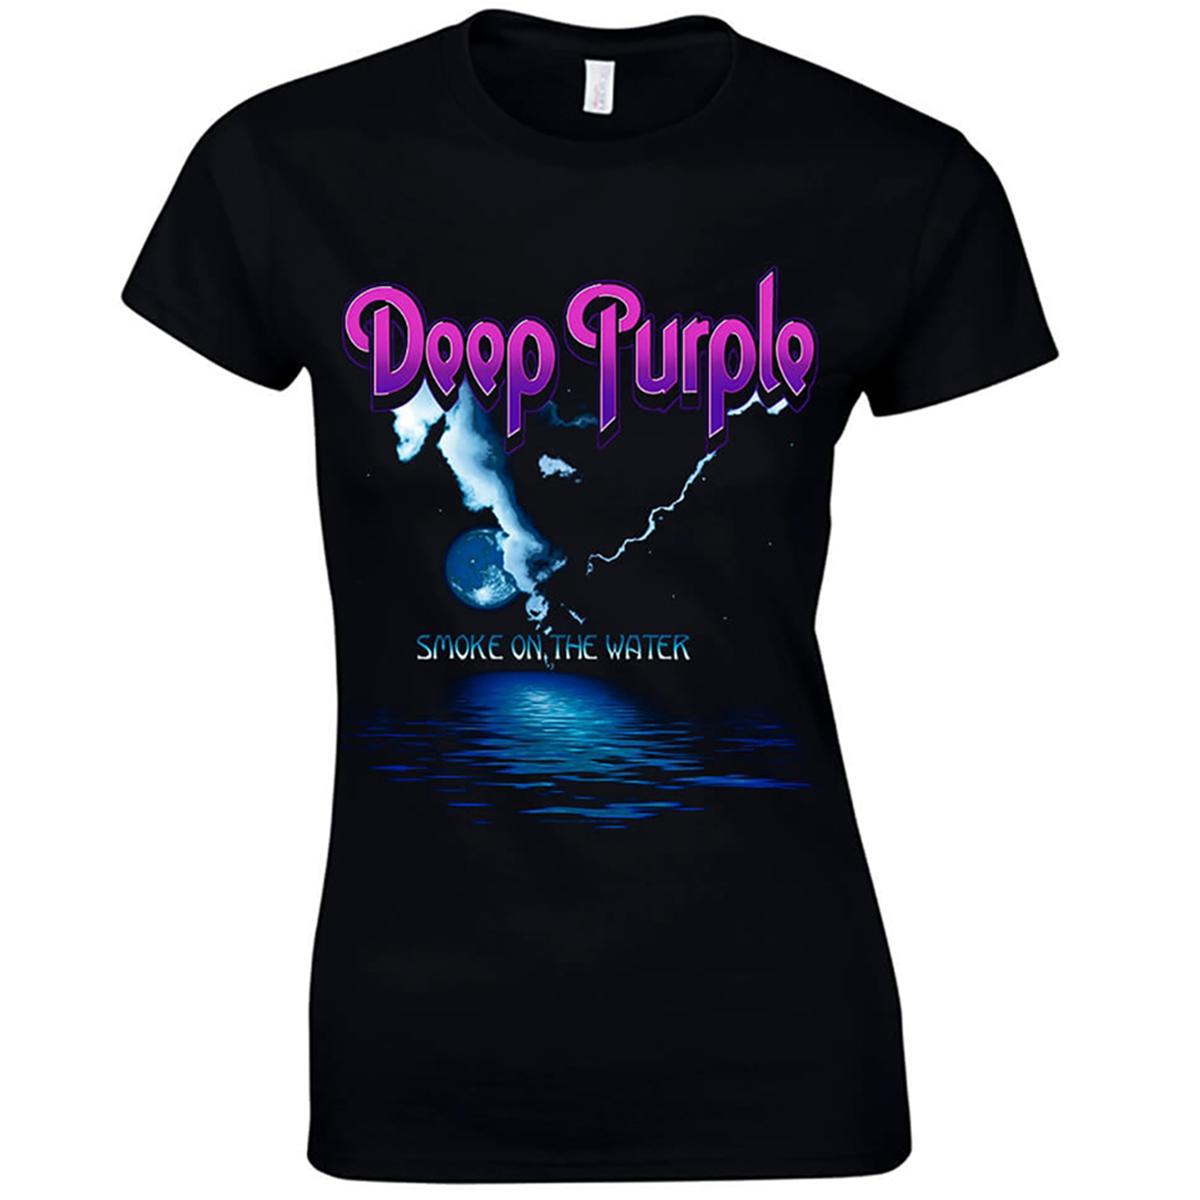 Dámske tričko DEEP PURPLE SMOKE ON THE WATER Veľkosť: S